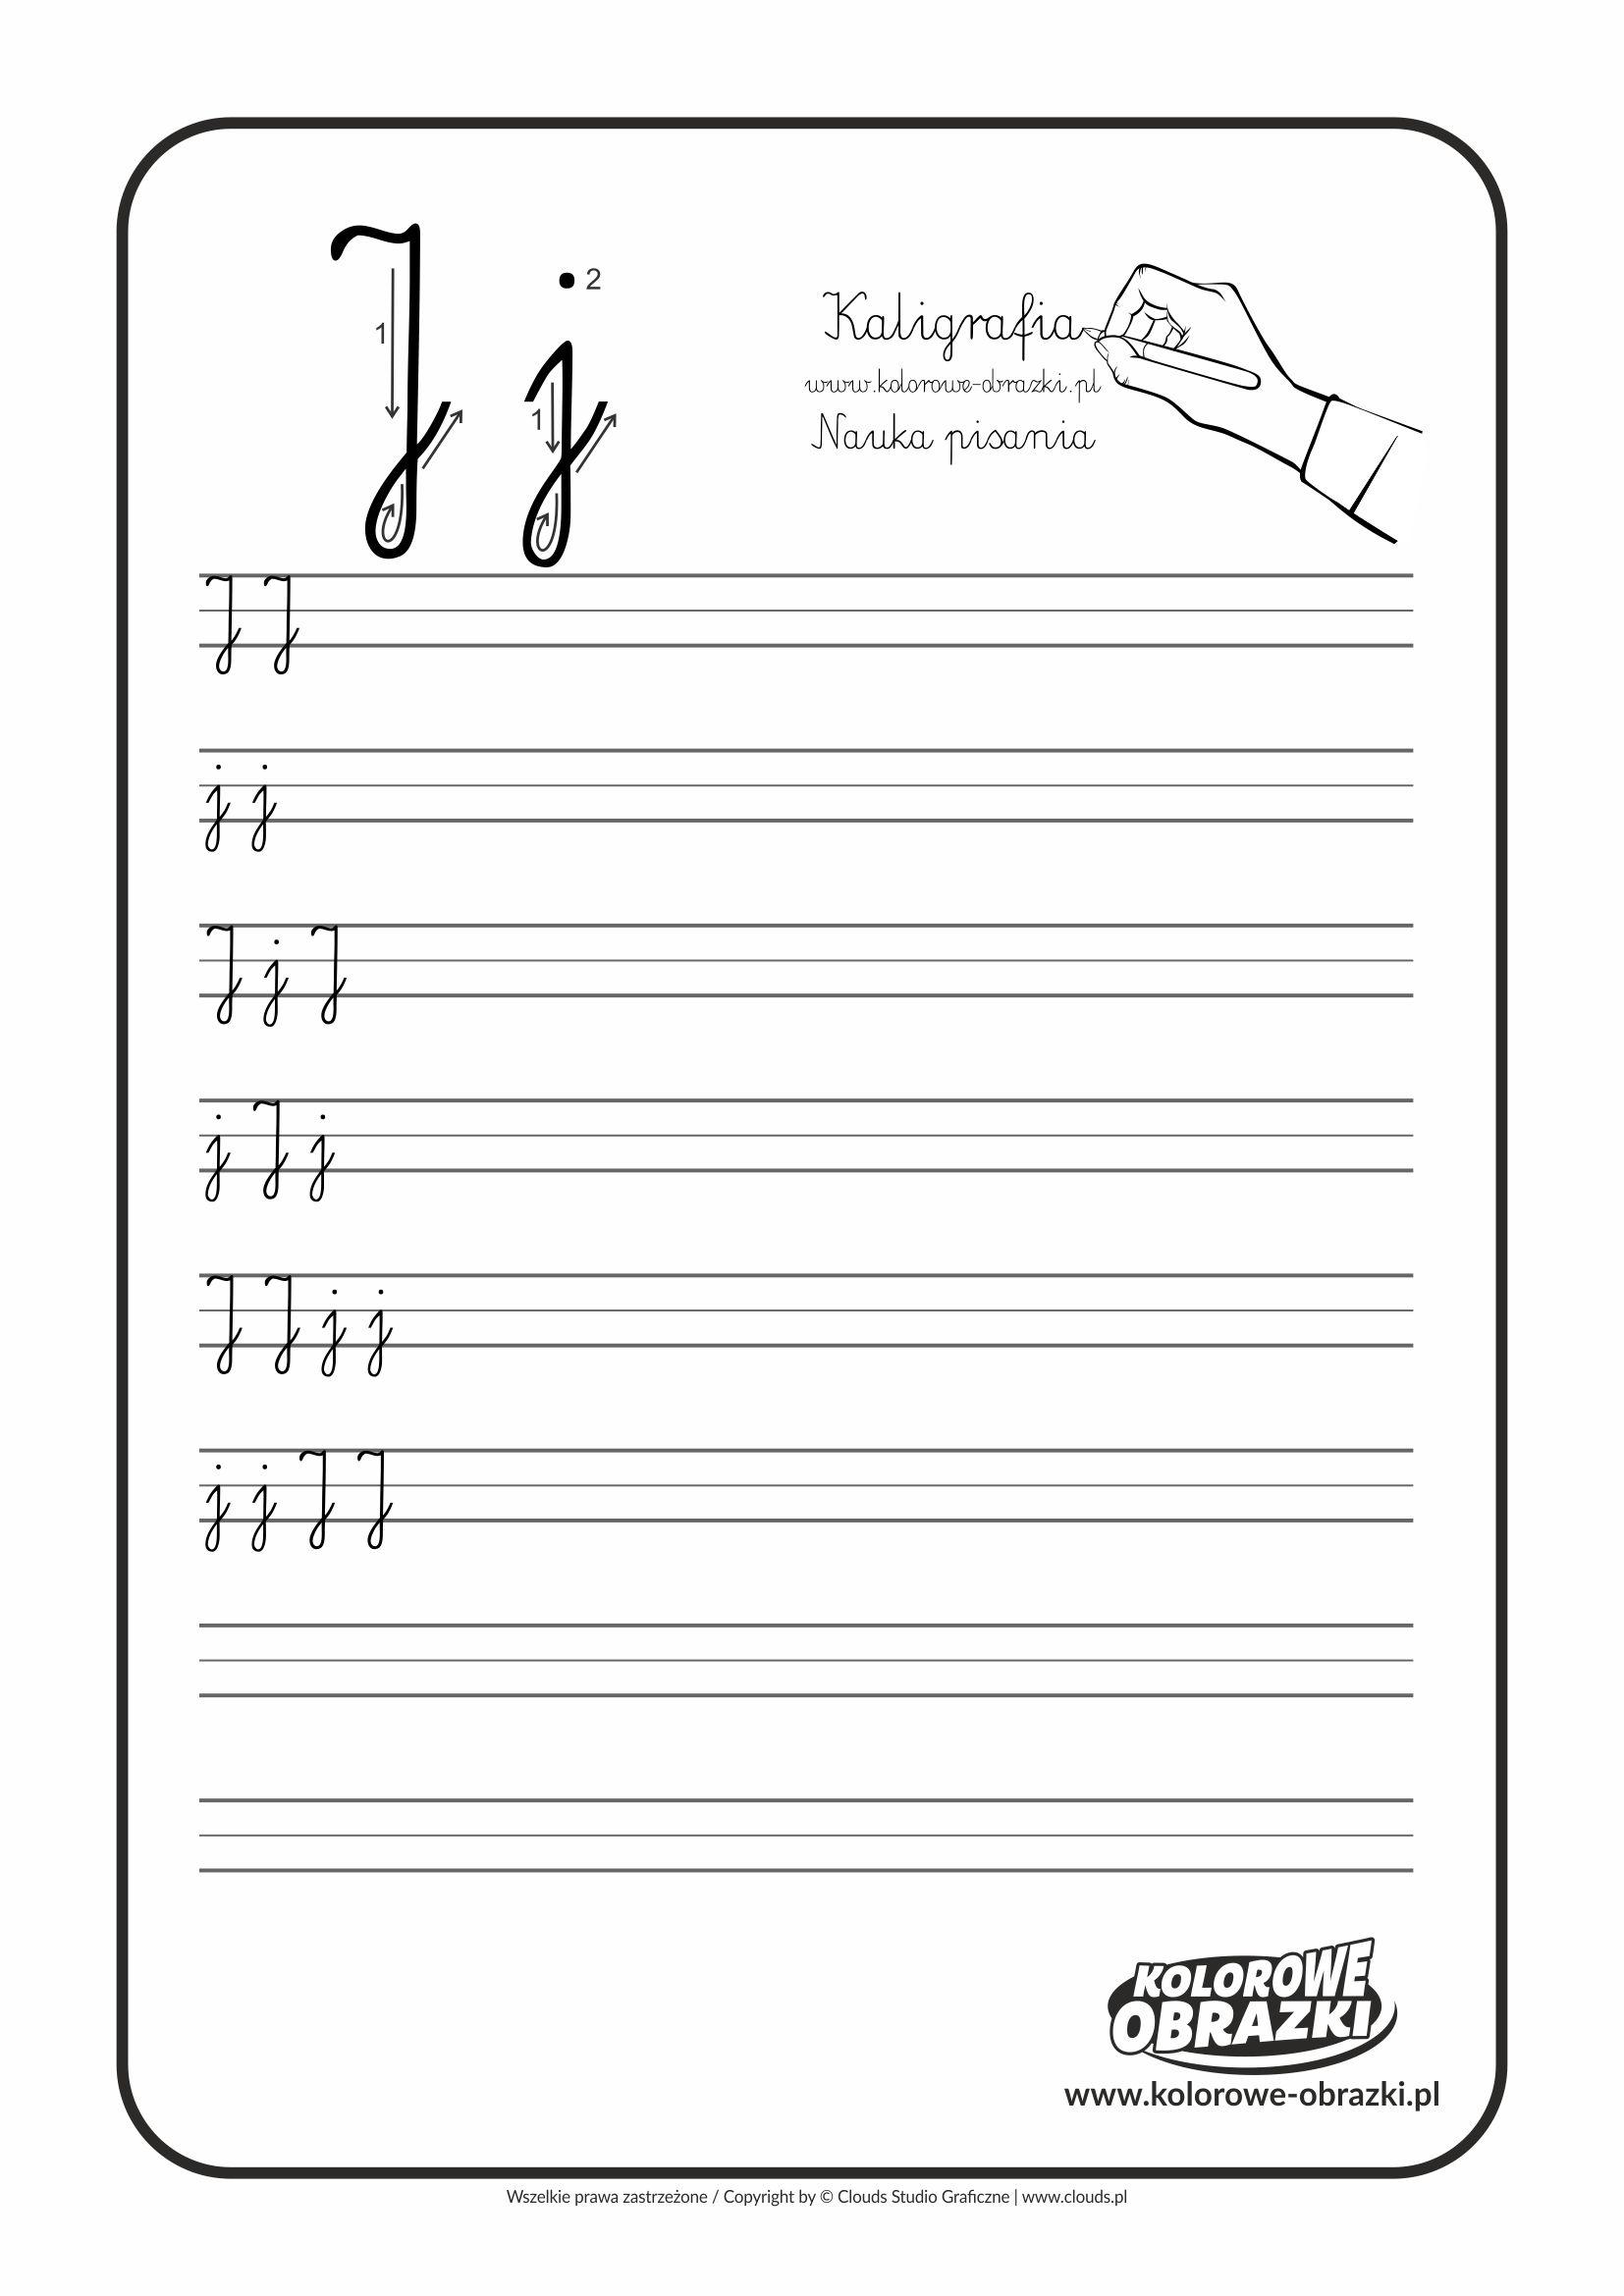 Kaligrafia Dla Dzieci Cwiczenia Kaligraficzne Litera J Nauka Pisania Litery J Letters For Kids Calligraphy For Kids Cool Coloring Pages